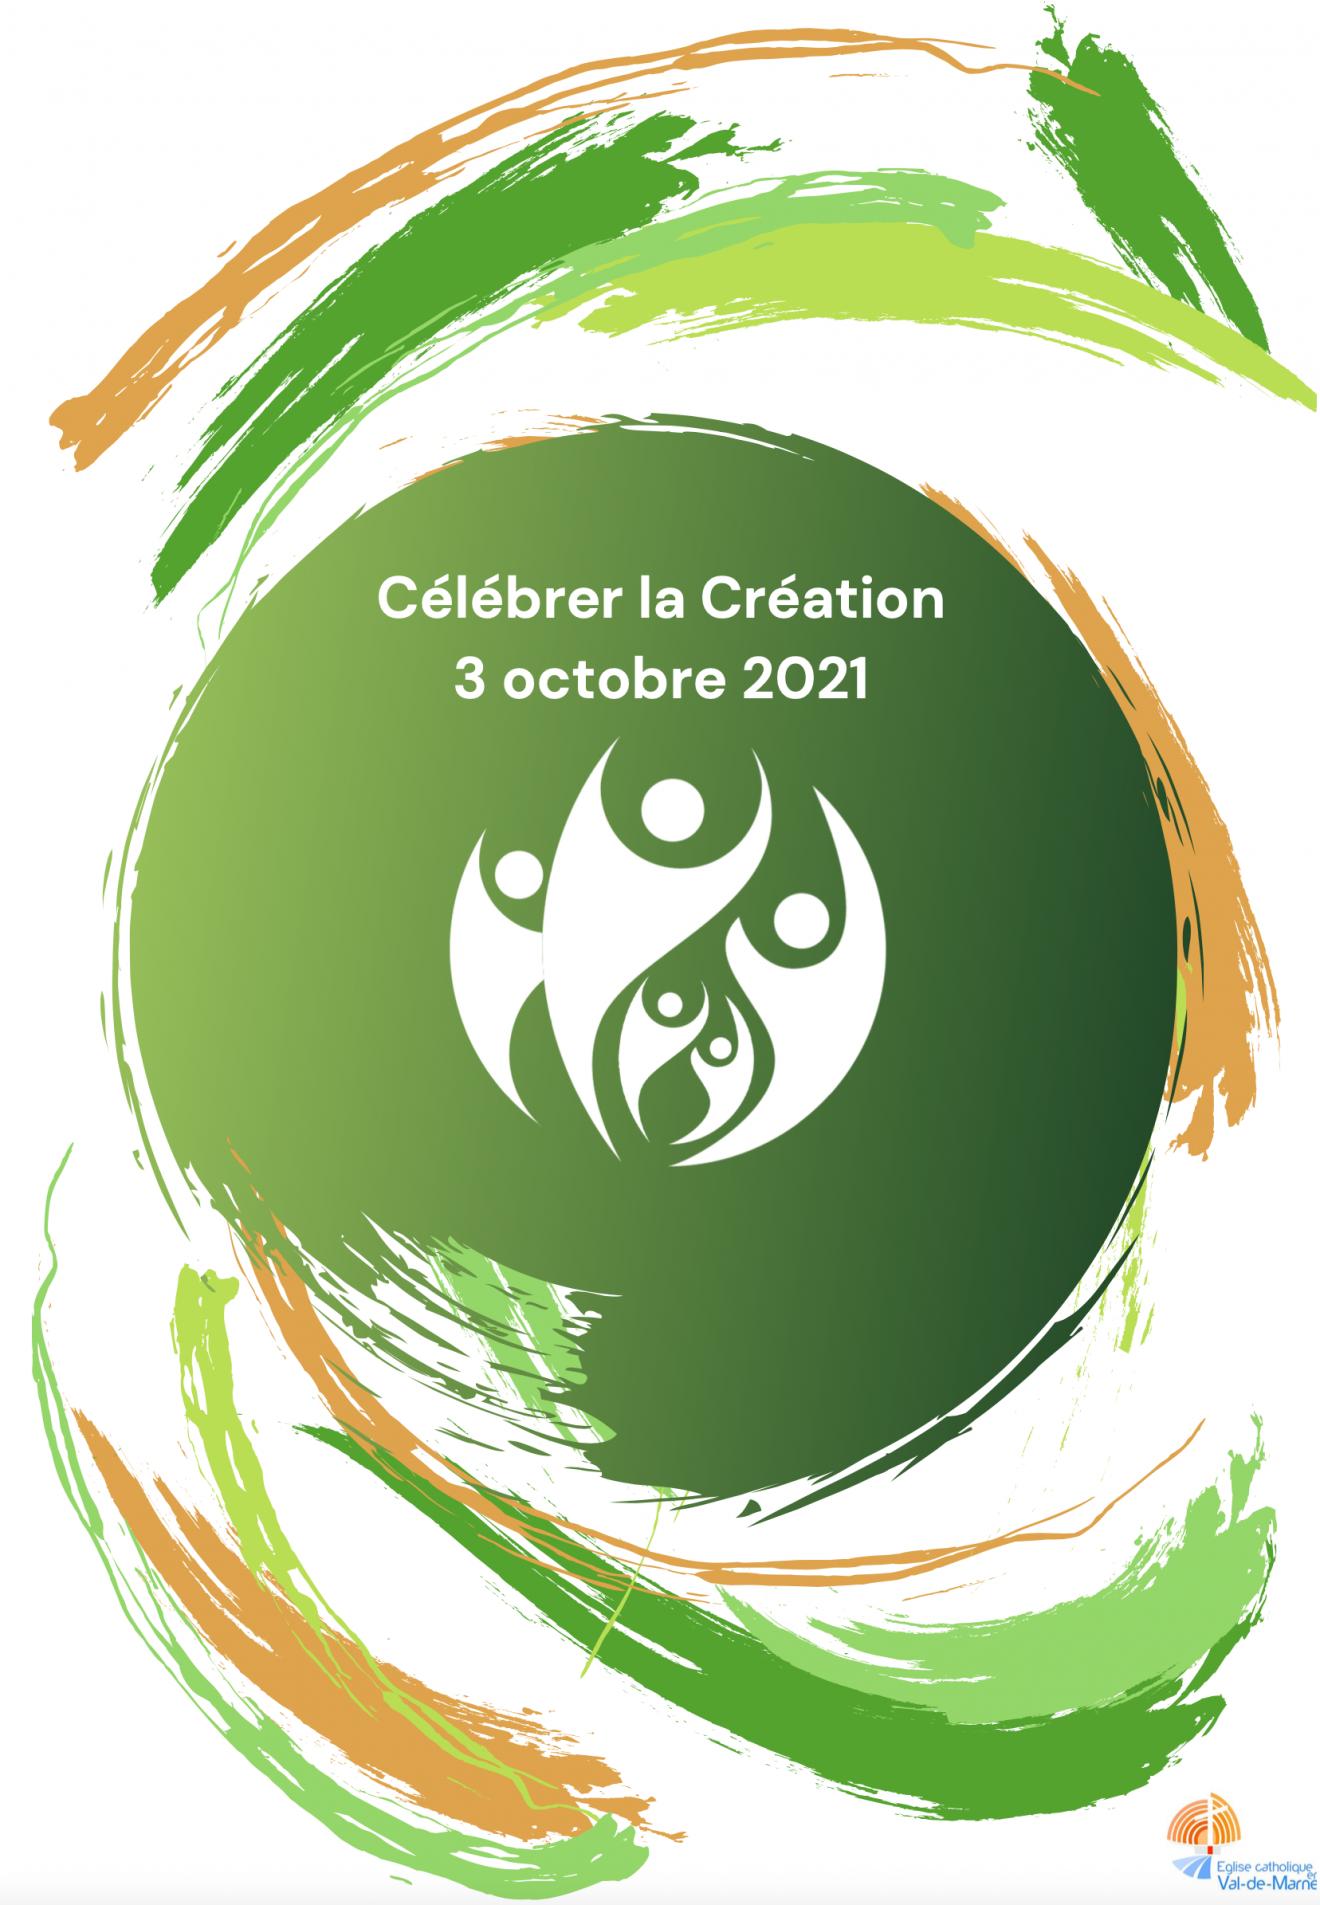 Célébrer la création le dimanche 3 octobre : un kit liturgique pour fêter la beauté de la création